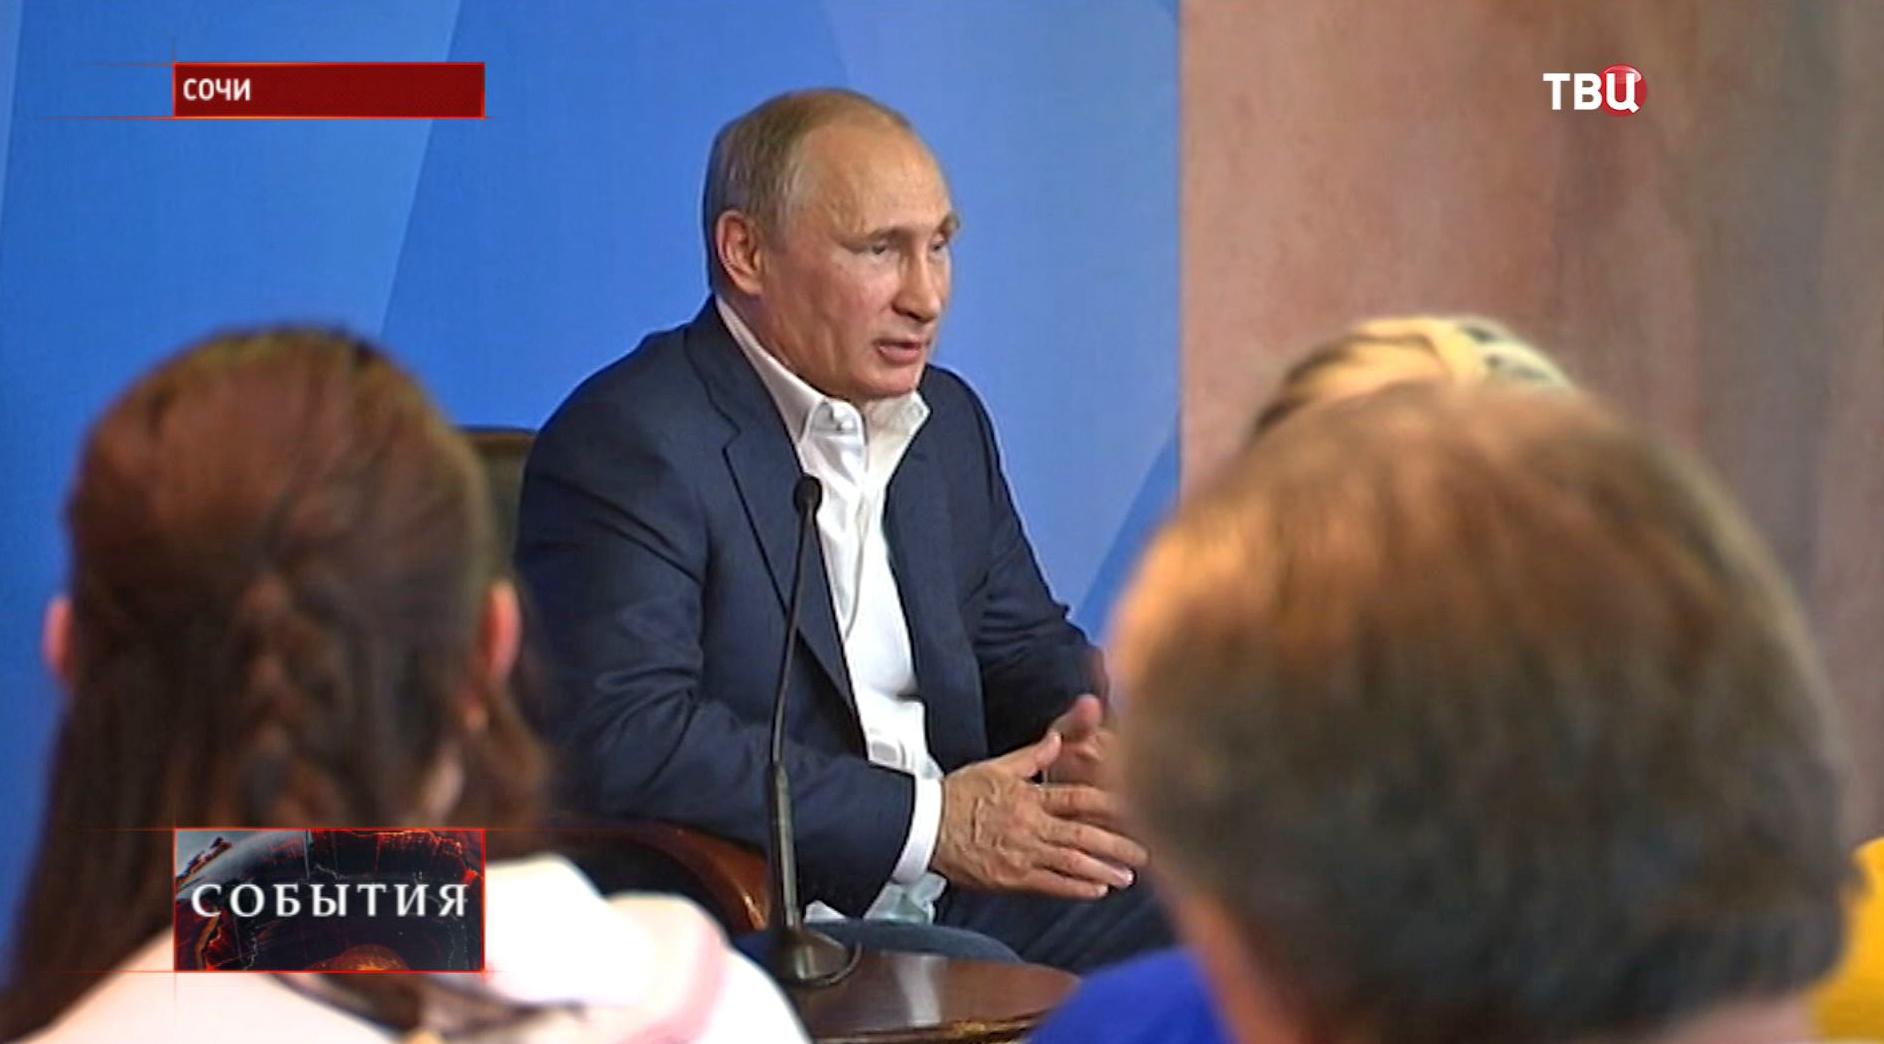 Владимир Путин на встрече с членами Ассоциации студенческих спортивных клубов